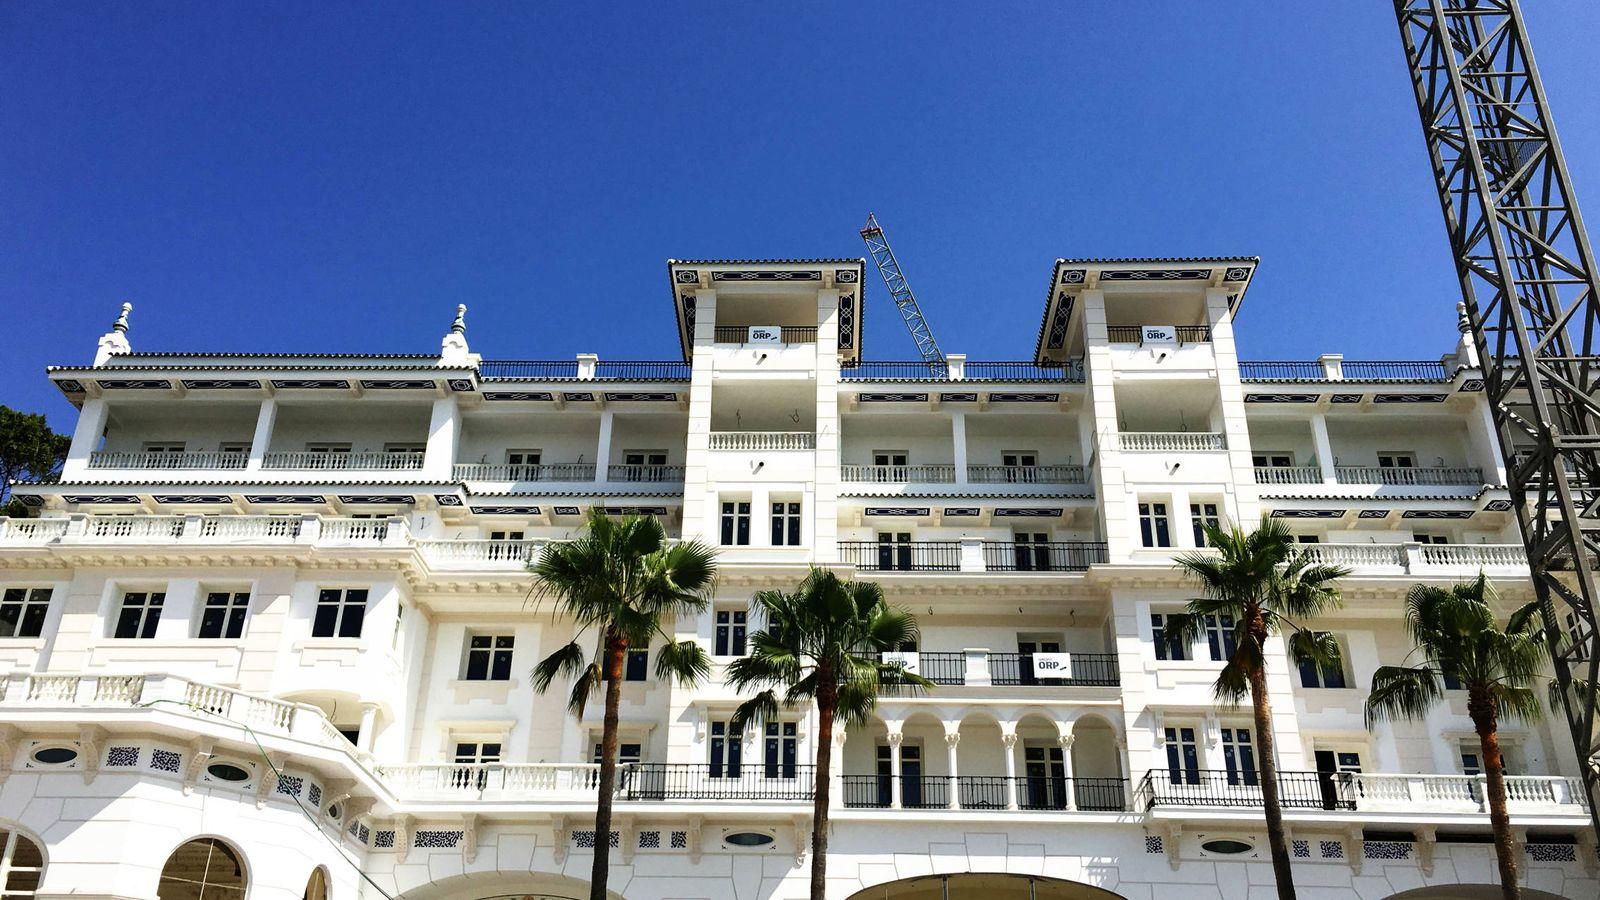 Noticias de andaluc a sequ a de hoteles cinco estrellas - Hotel cinco estrellas granada ...